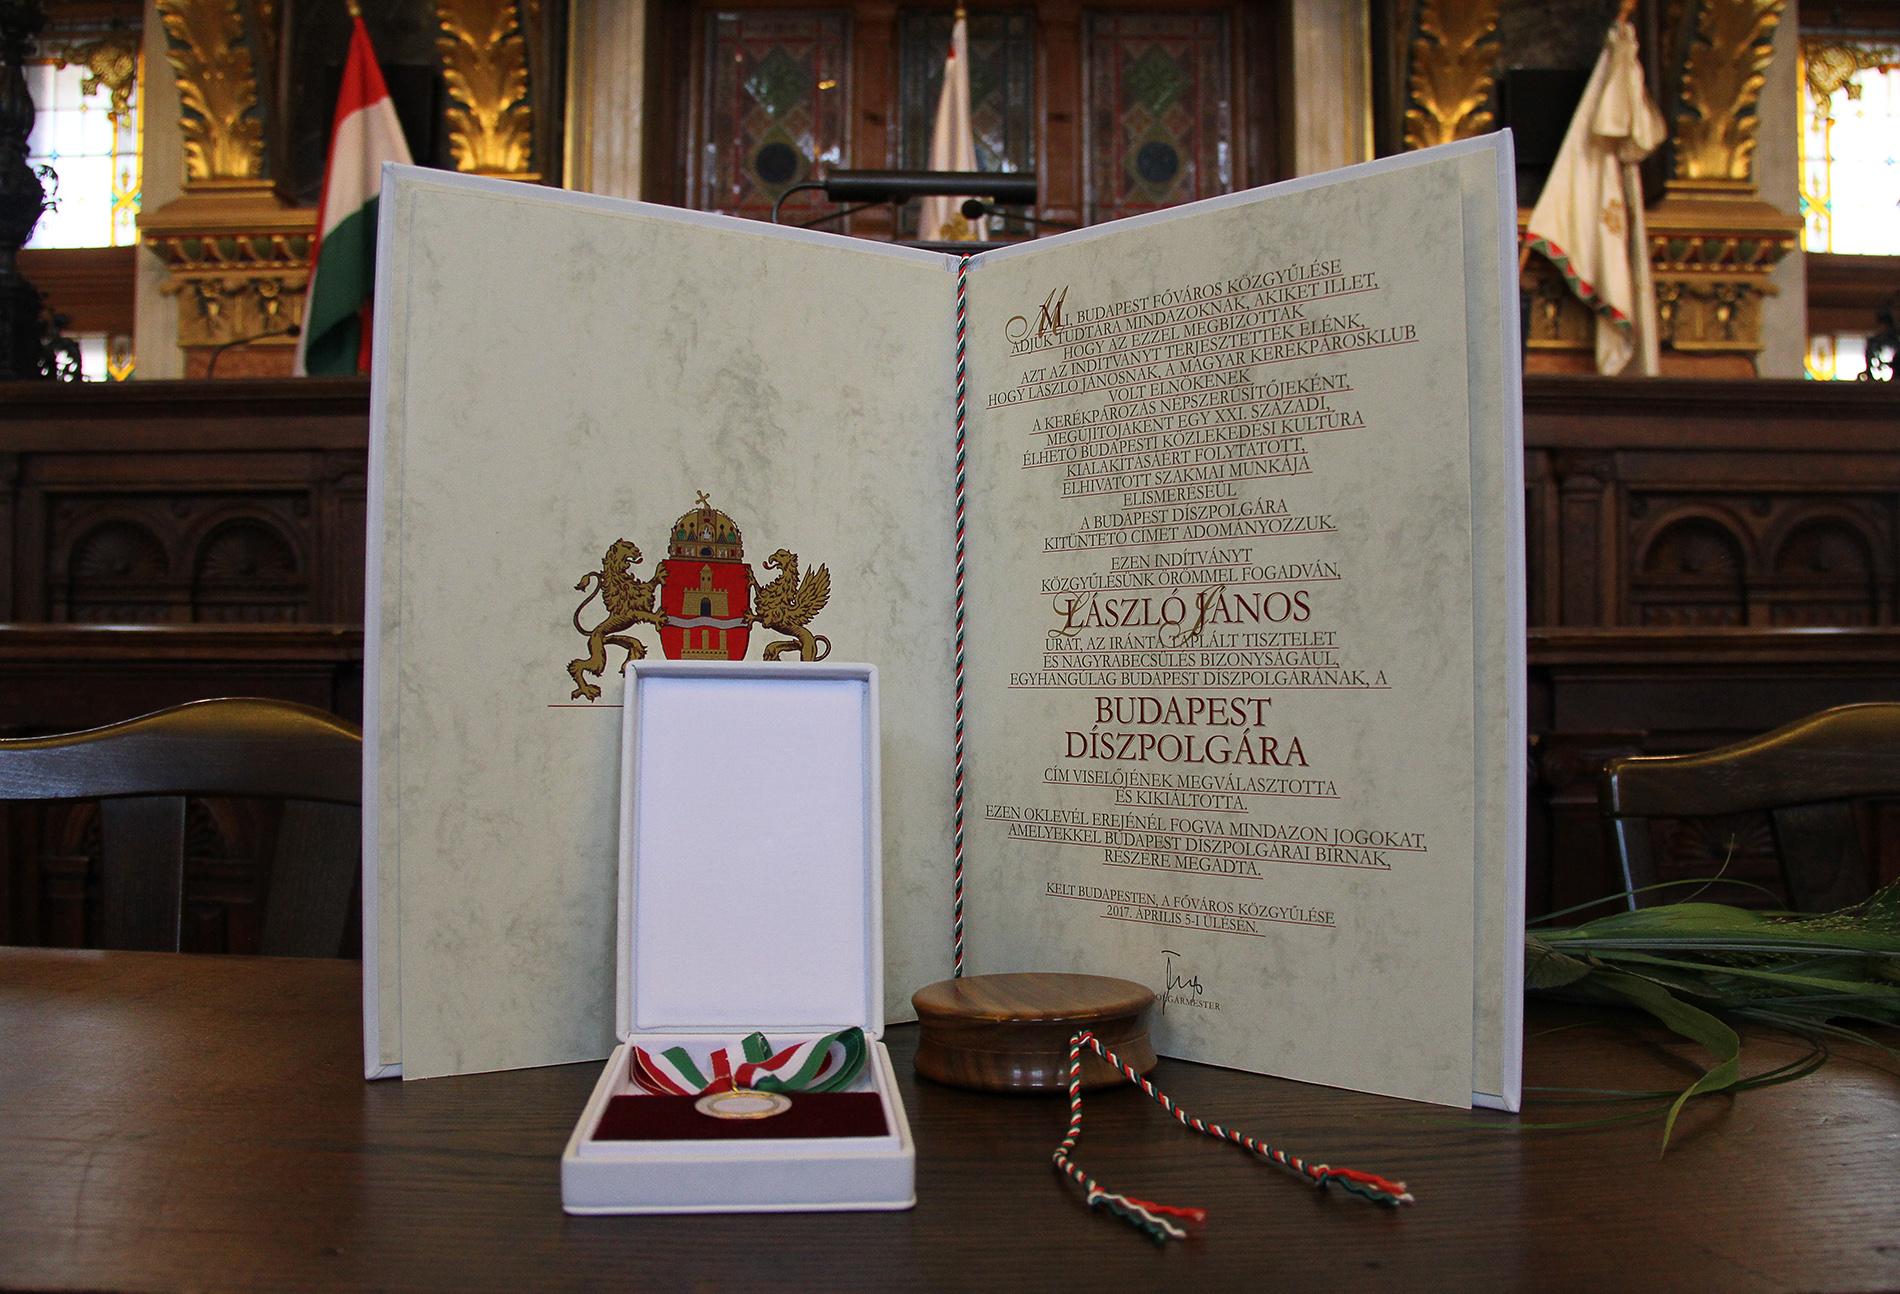 Posztumusz díszpolgári címet kapott Budapesttől László János